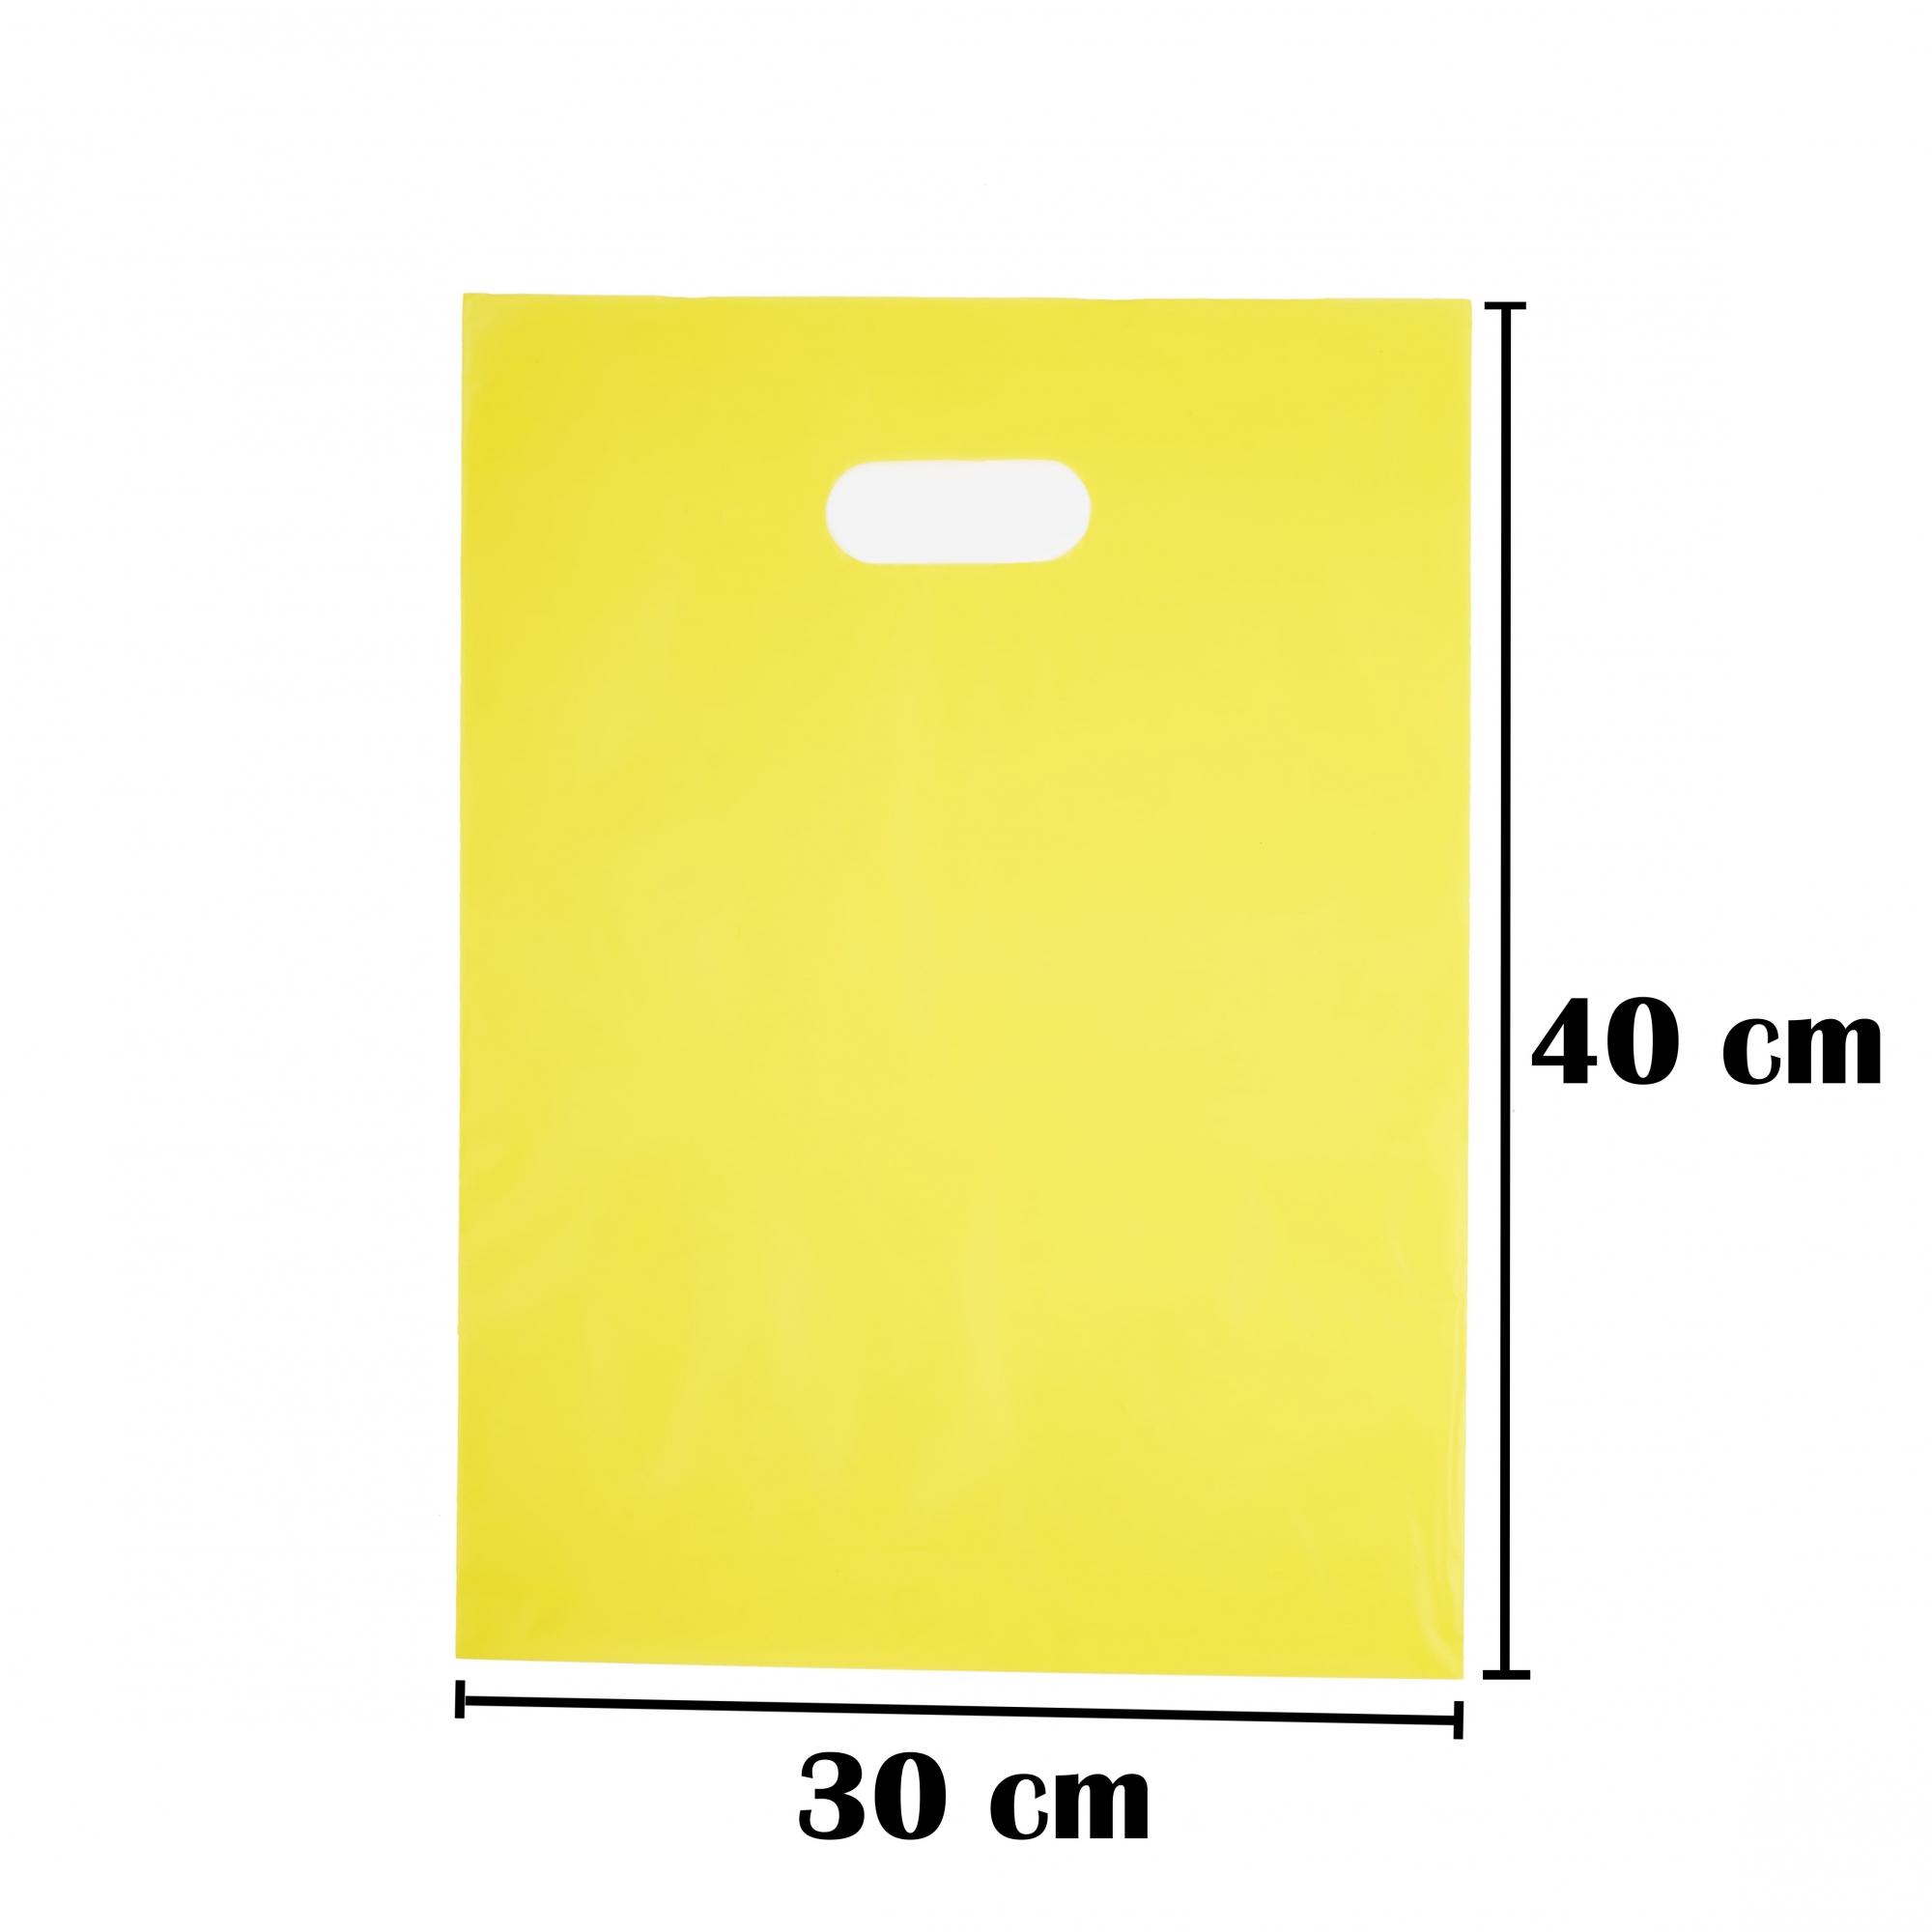 Sacola Plástica 30x40 Amarela Alça Boca de Palhaço 50 Unidades